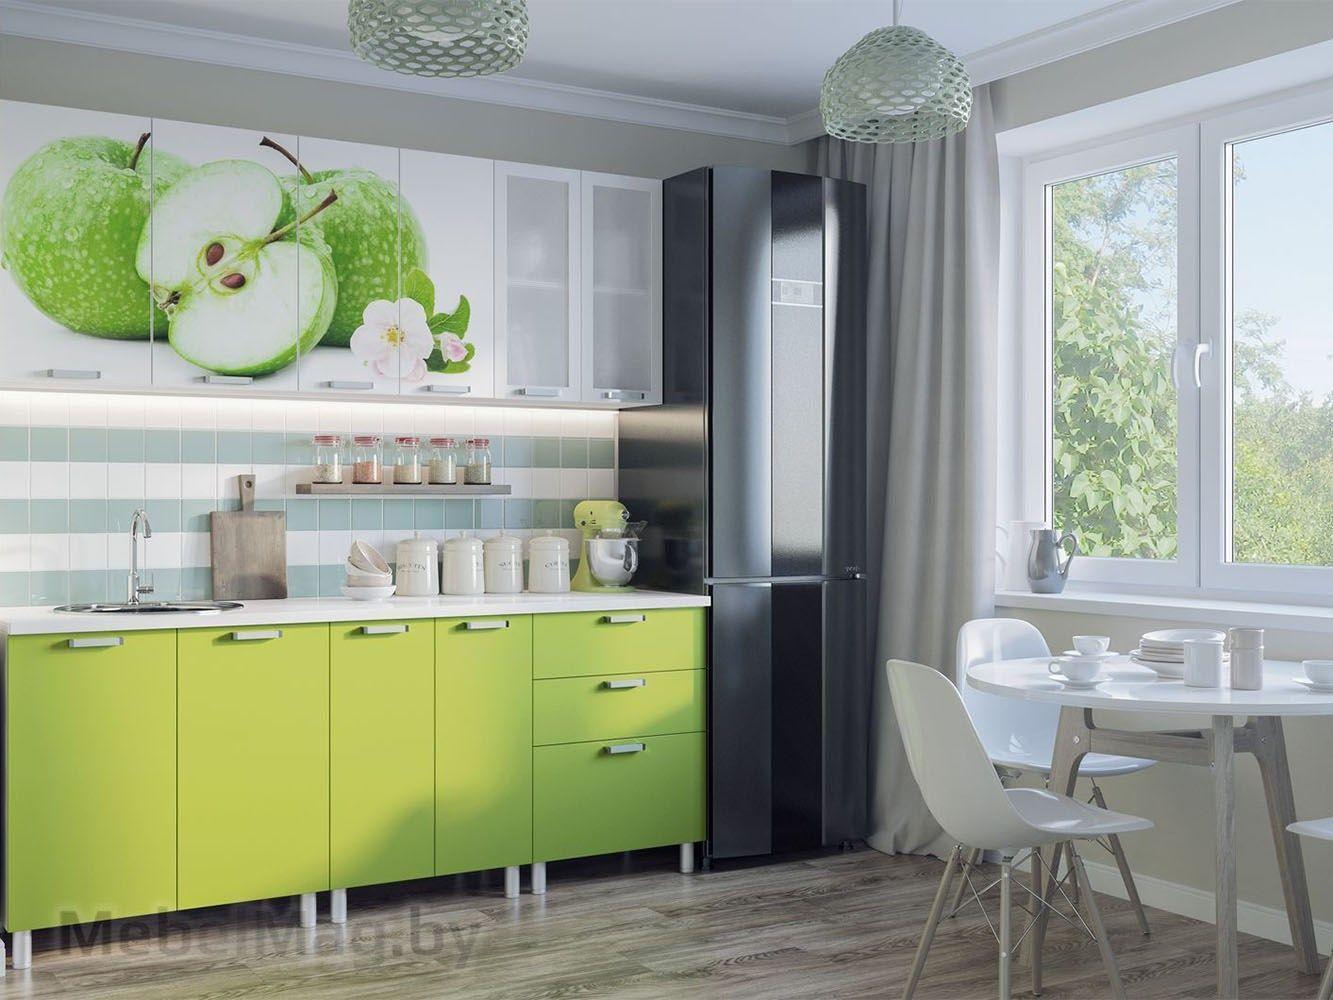 Кухня Фрукты - Яблоки 2.0